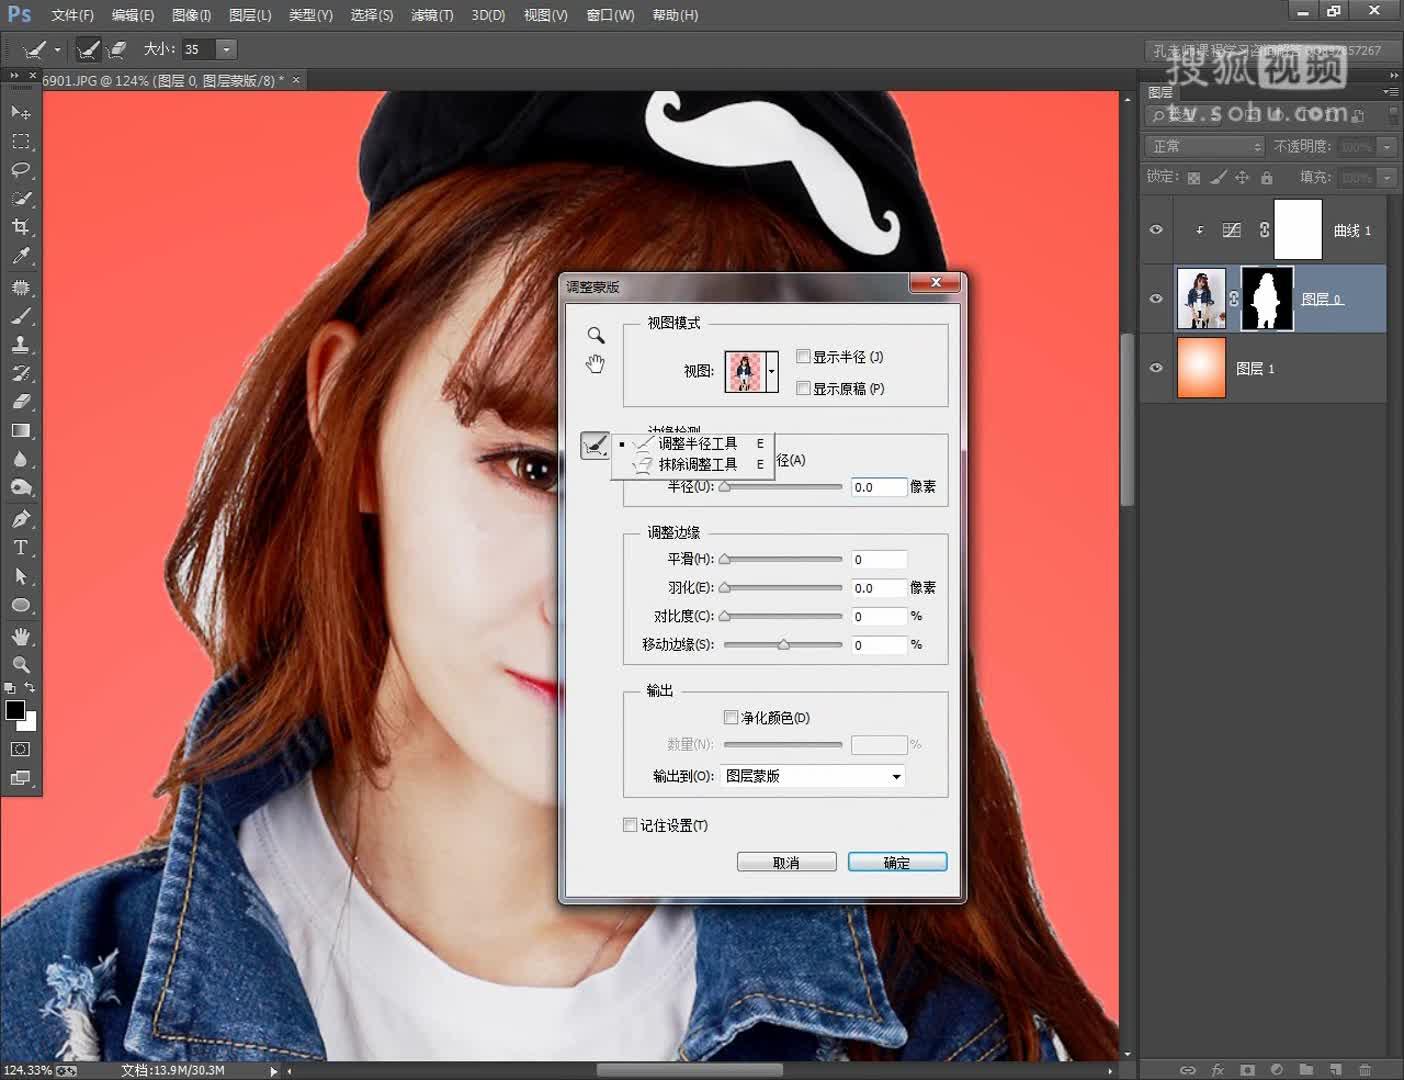 2016淘宝美工教程女装换背景抠图视频教程photoshop海报设计制作 .